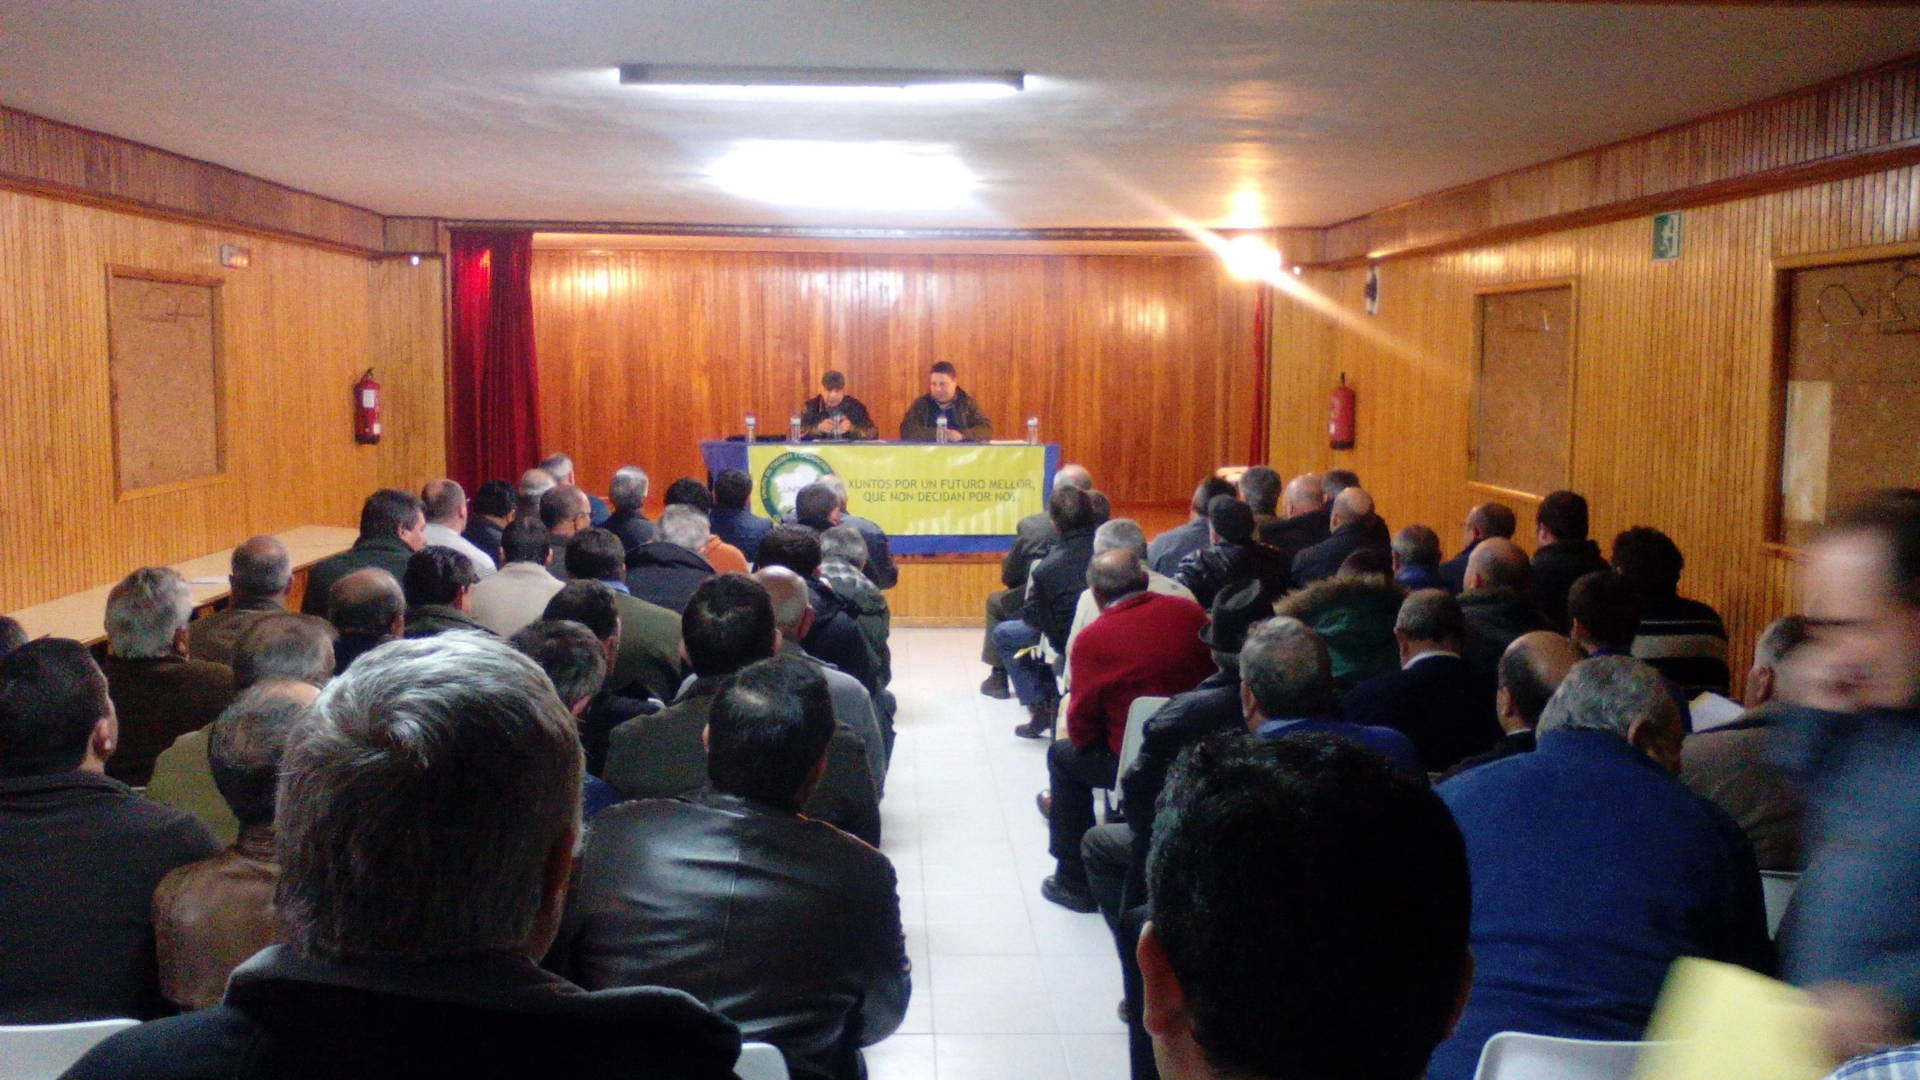 Afluencia masiva a la asamblea de UNITEGA 2015: Protesta por la intención de vedar la caza de las corzas en Galicia para la temporada 2015/16